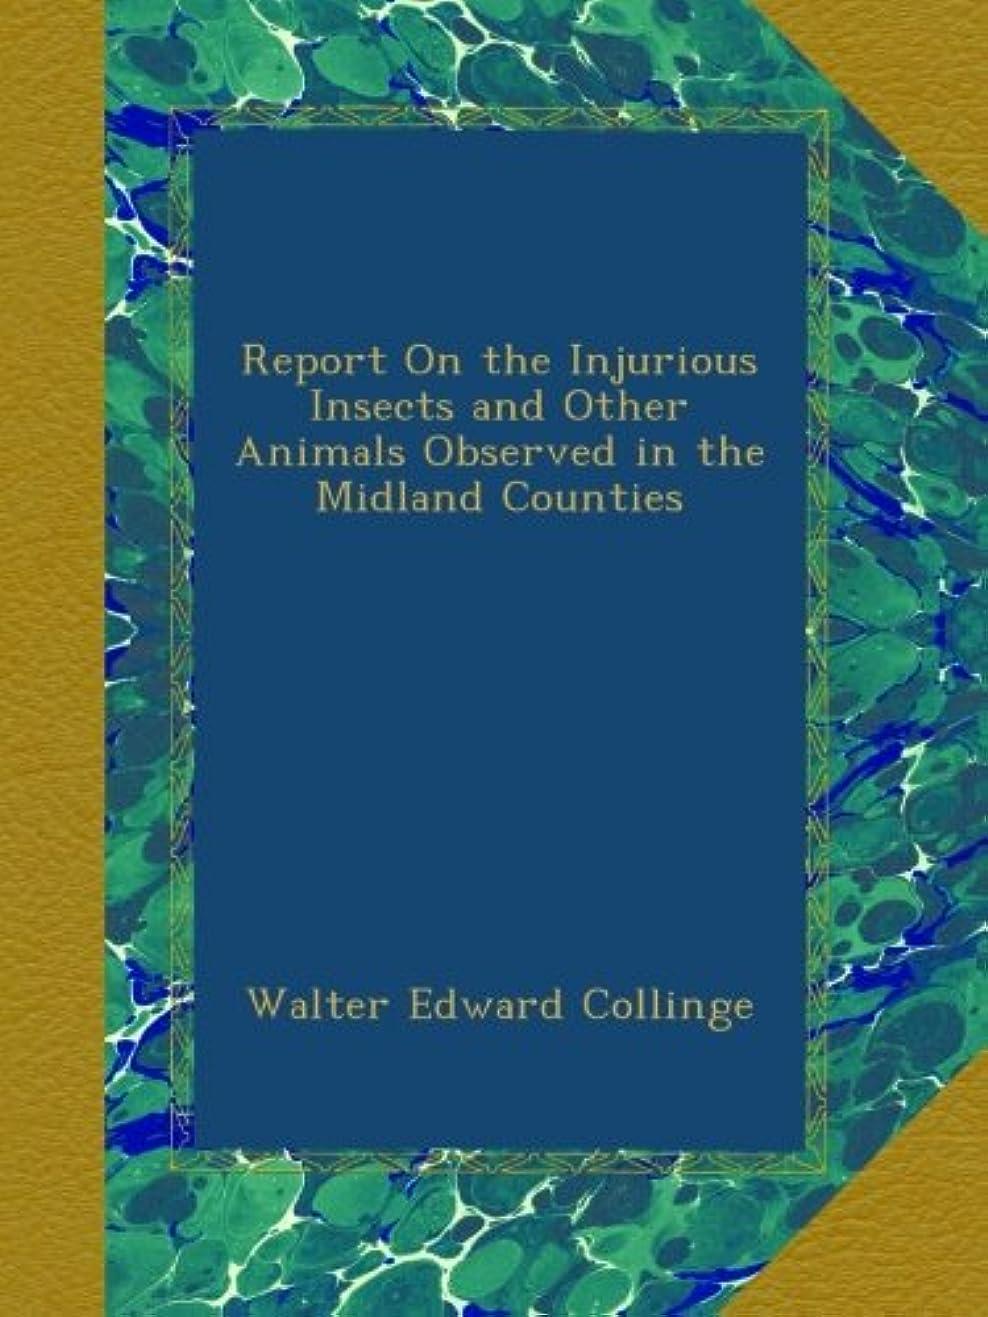 合法湿った許容できるReport On the Injurious Insects and Other Animals Observed in the Midland Counties